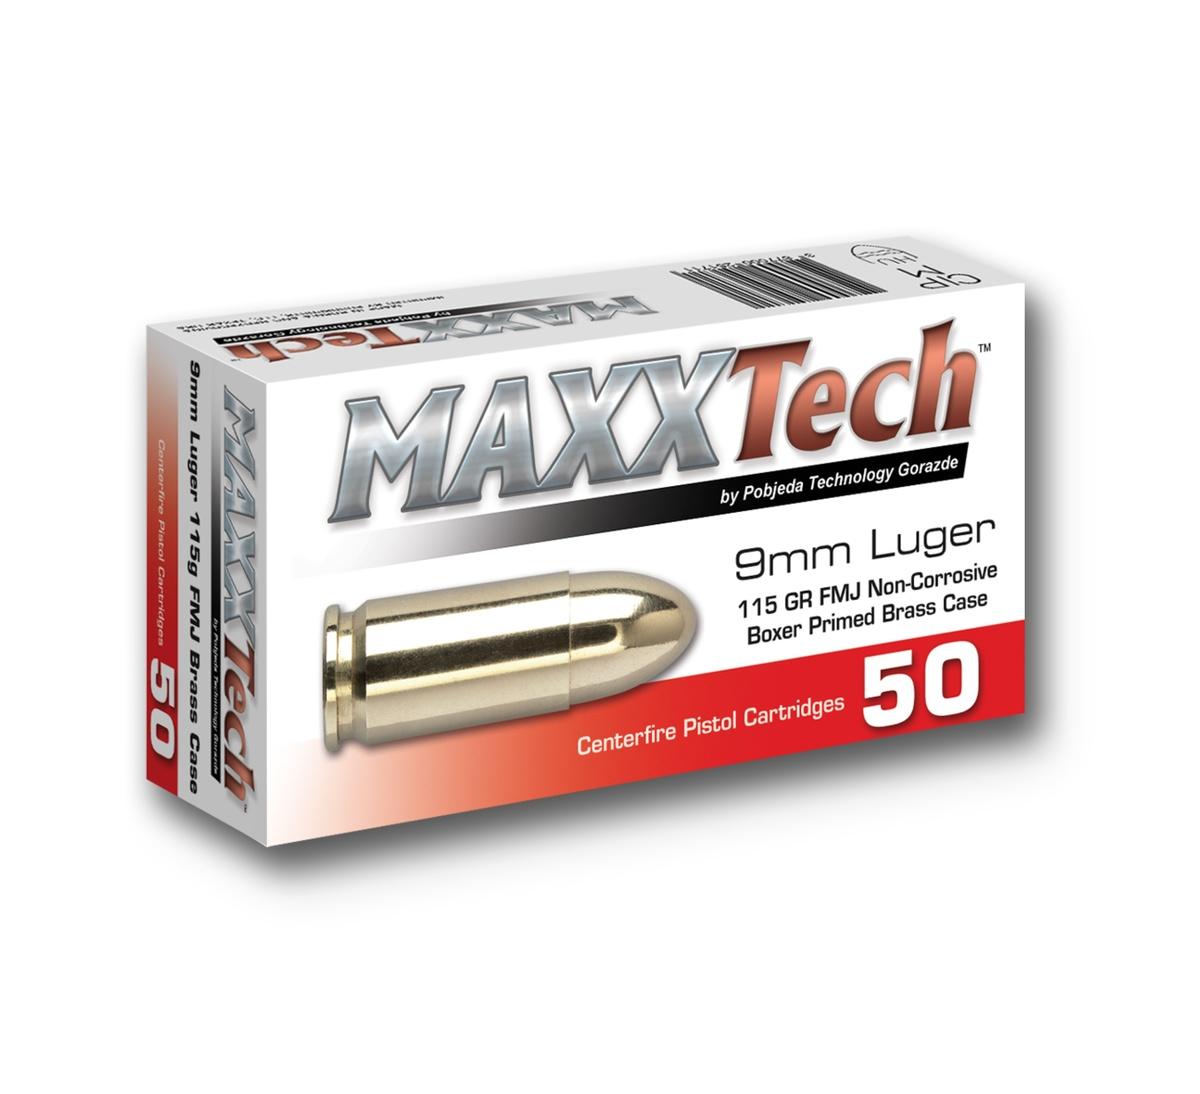 Kaliber: 9mm, váha: 115 Grains, celoplášťový projektil FMJ, úsťová rýchlosť: 340 m/s, úsťová energia: 438 J